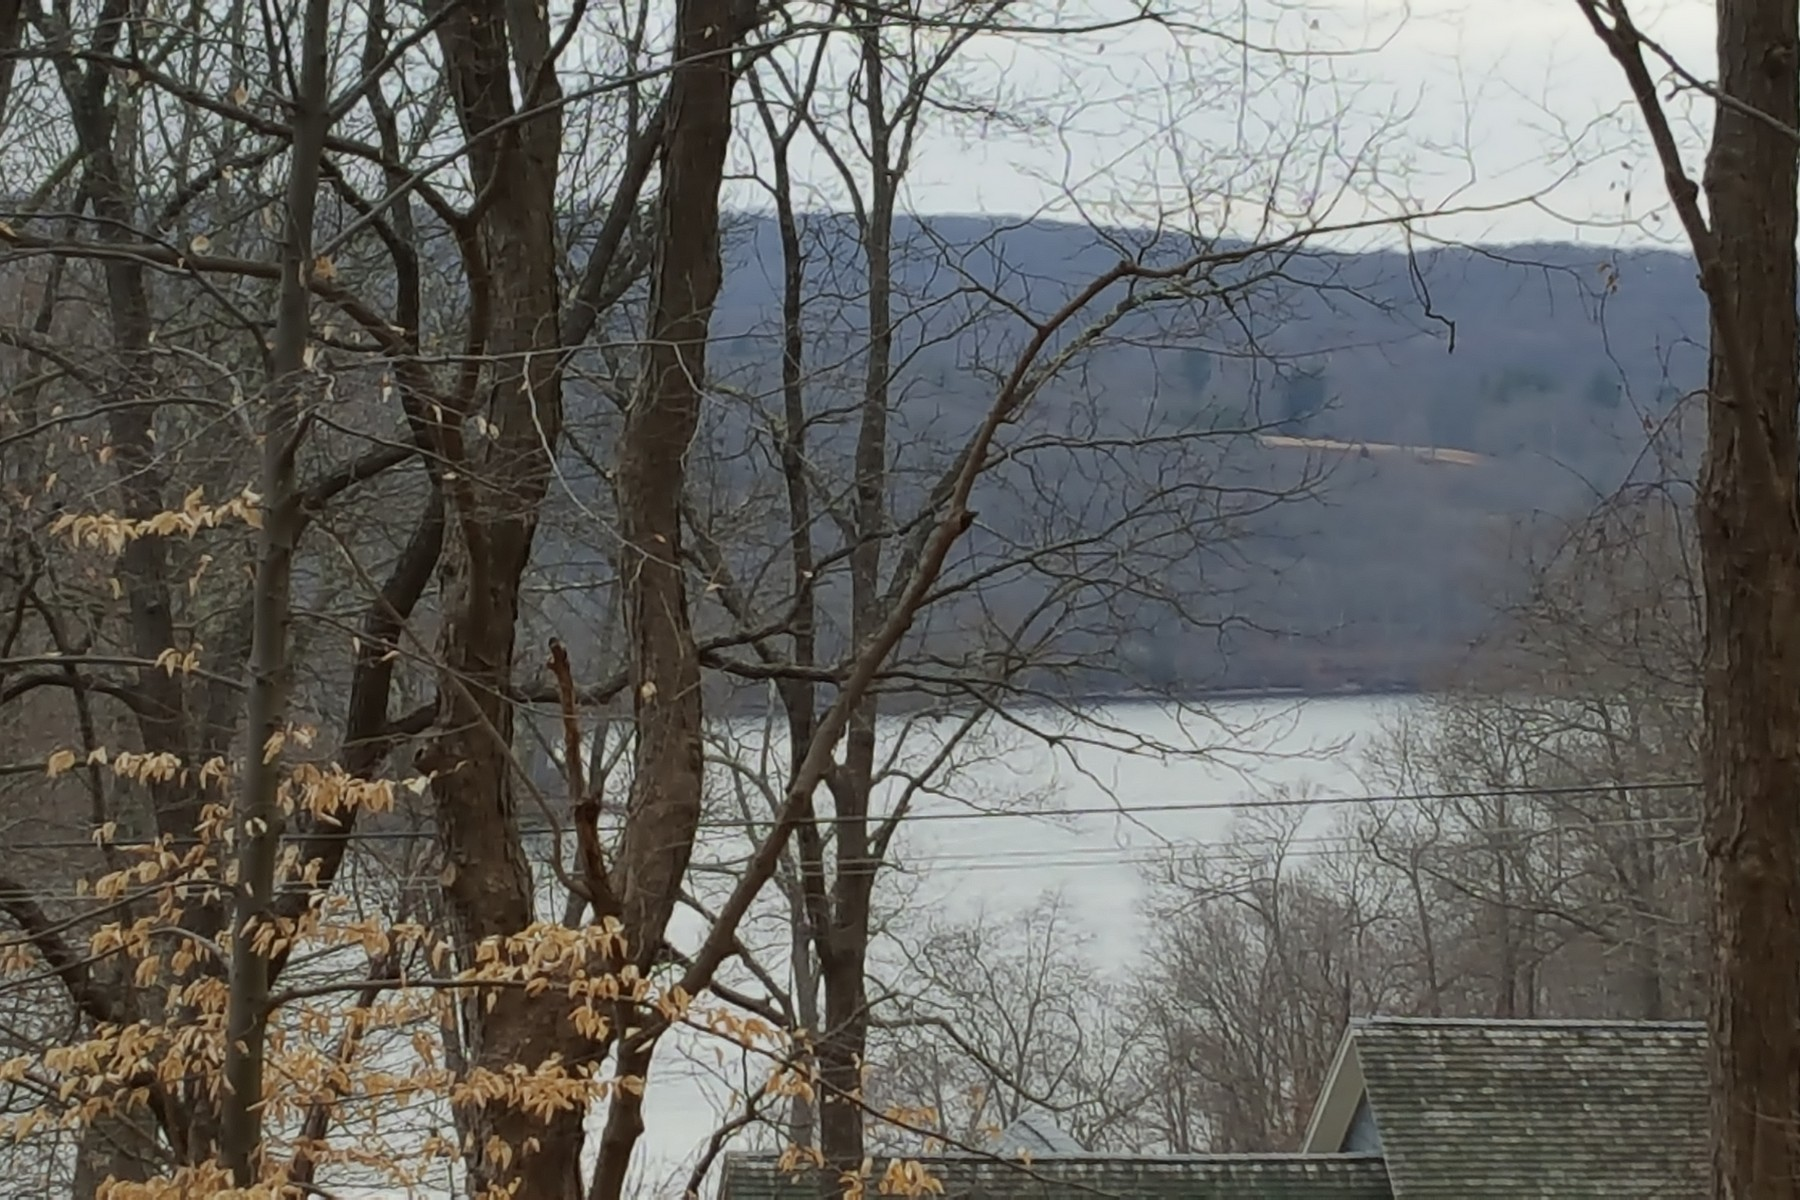 Đất đai vì Bán tại Beautiful Lot, Great CT River Views! 141 Injun Hollow Rd Haddam, Connecticut, 06438 Hoa Kỳ